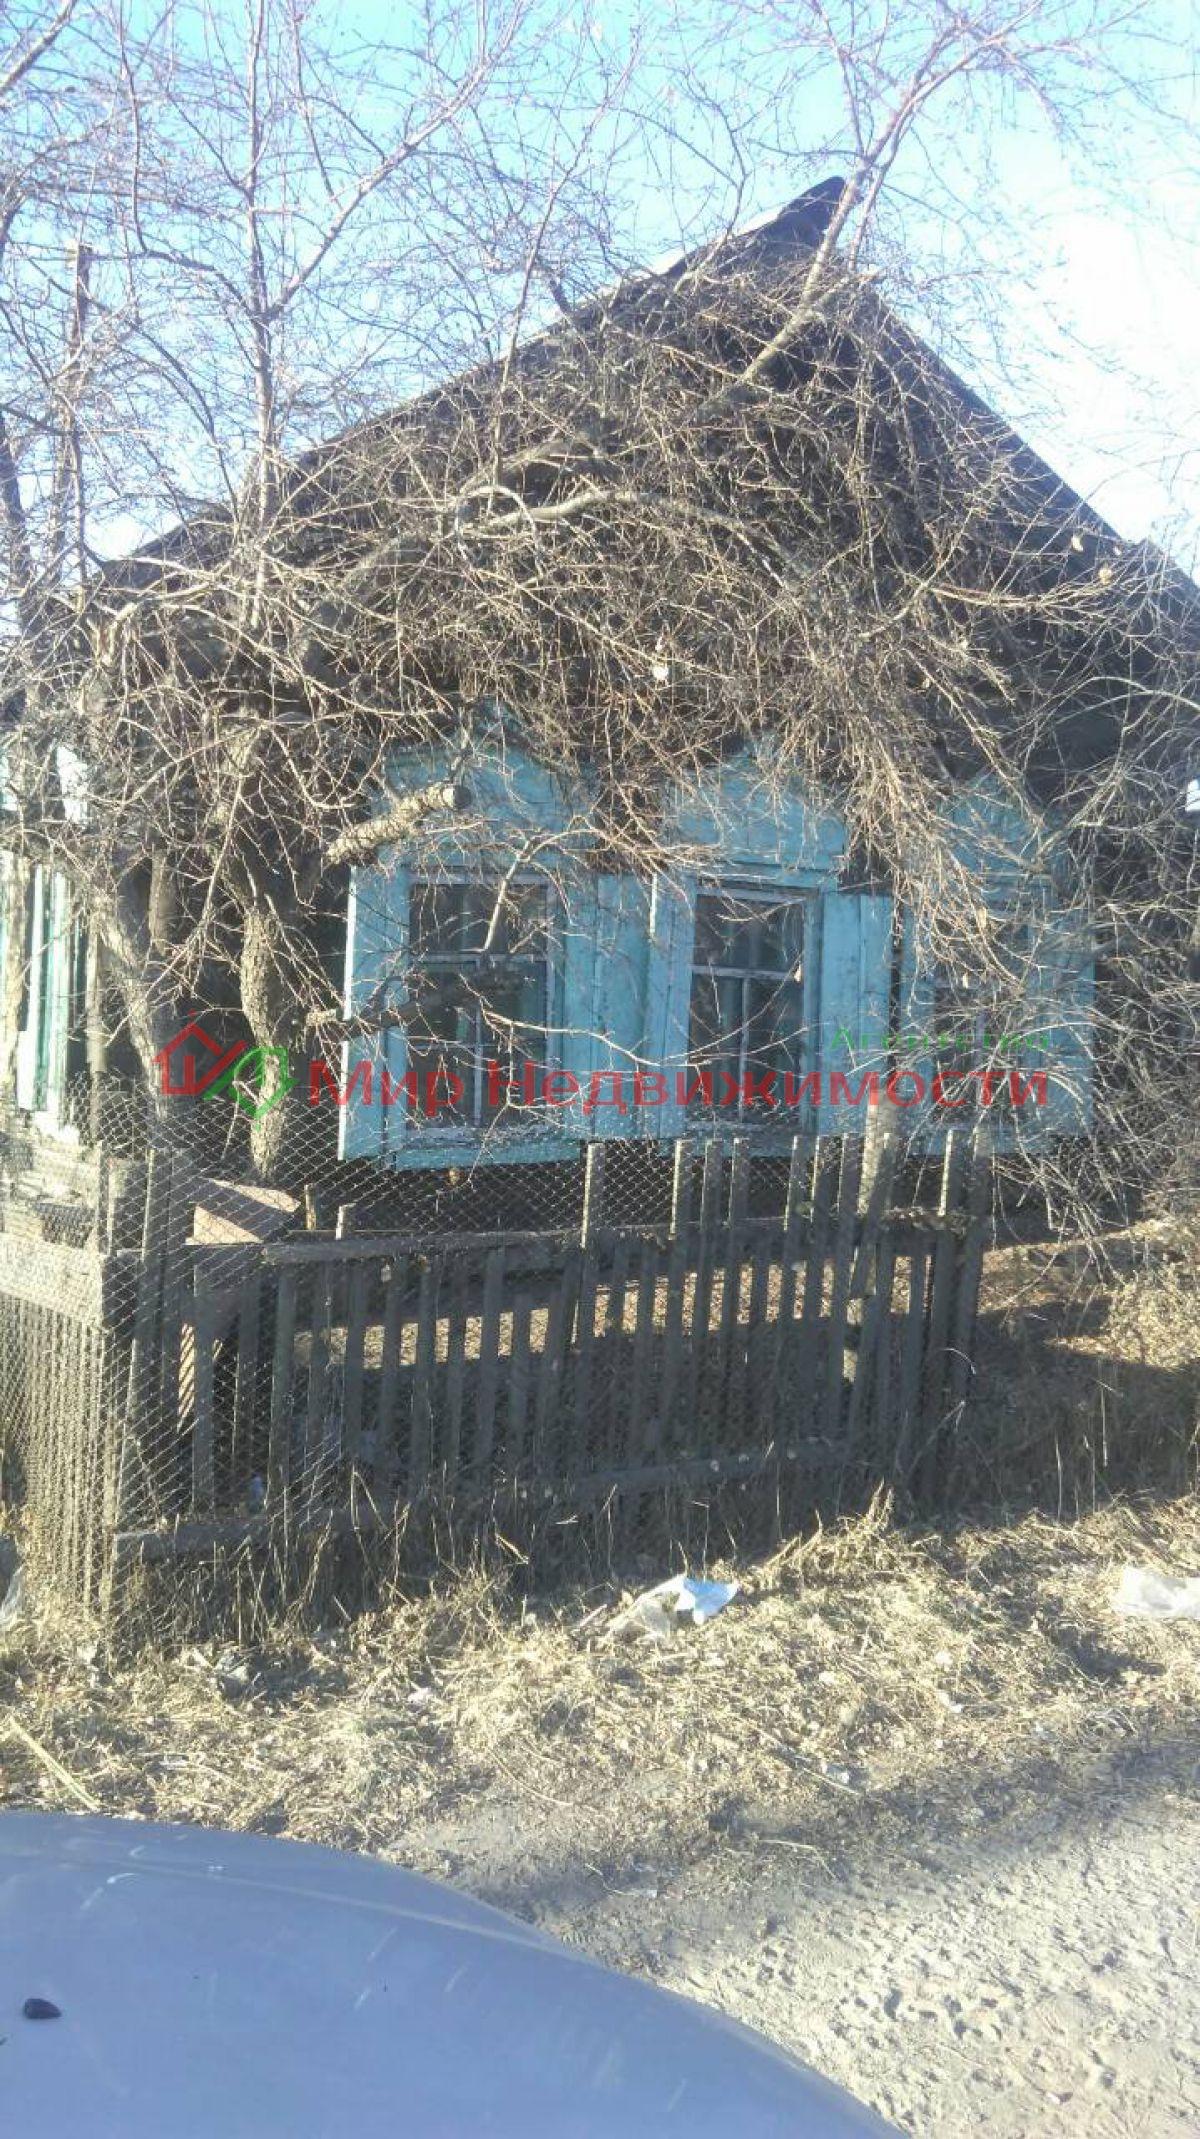 продается дом в каштаке, удобное расположение, в шаговой доступности остановки. з ...